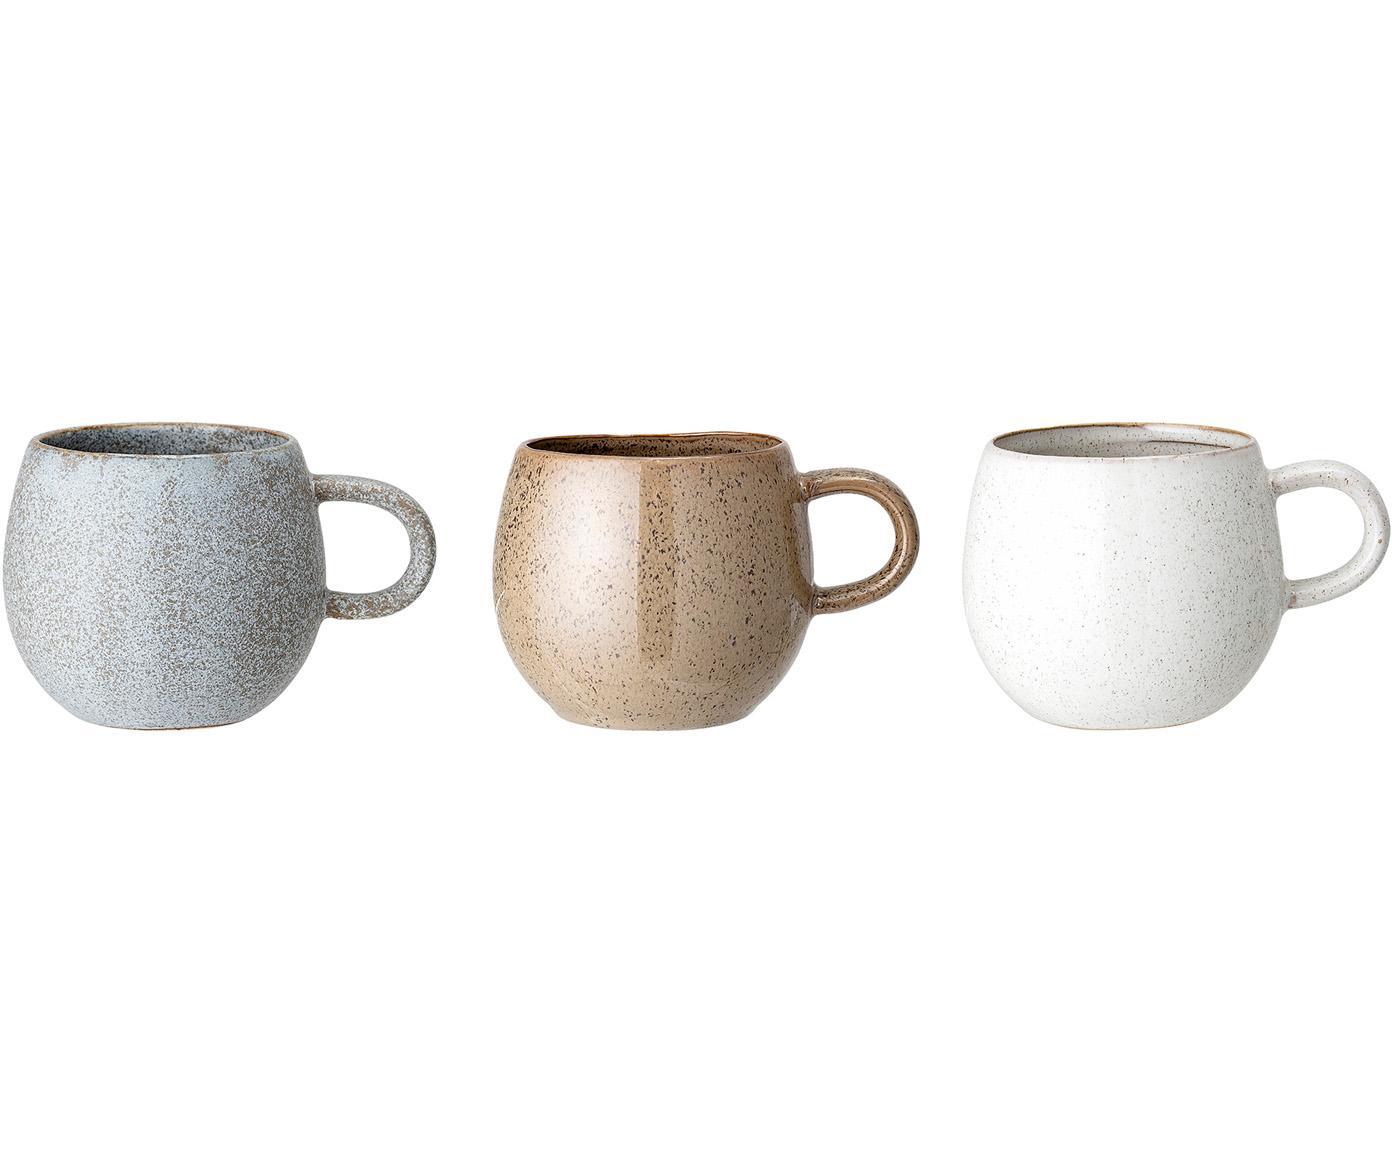 Handgemachte Teetassen Addison, 3er-Set, Steingut, Grau, Beige, Weiss, Ø 11 x H 10 cm